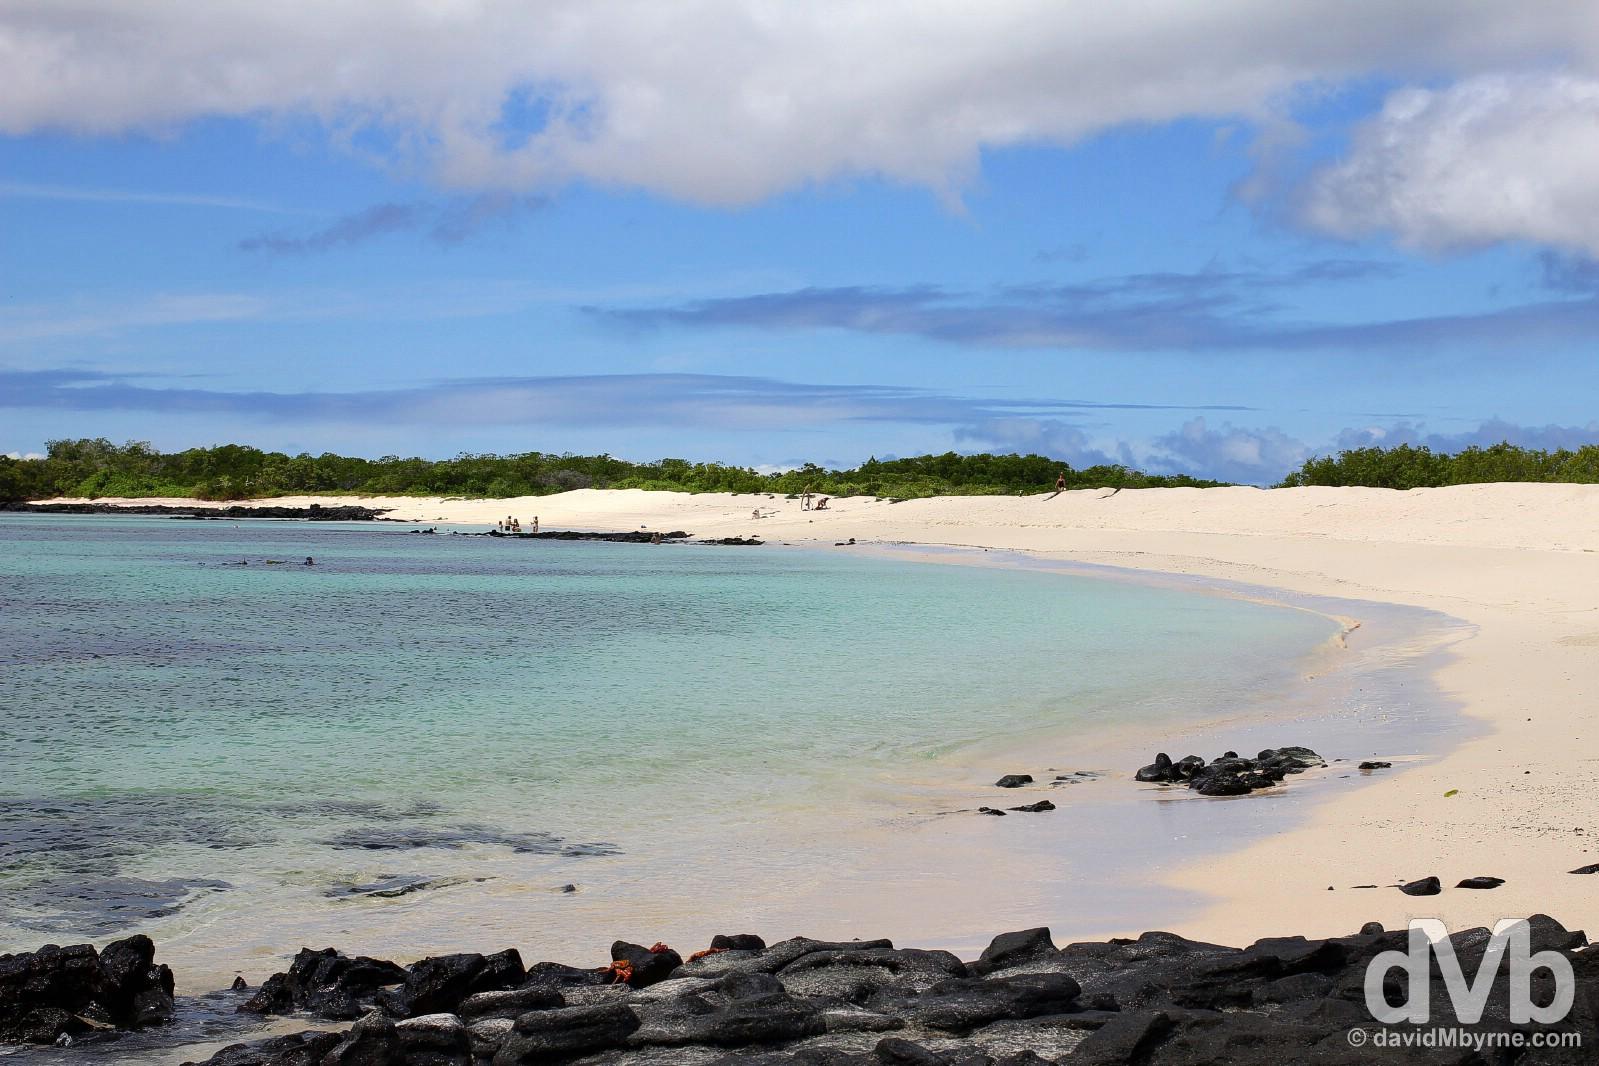 Playa Las Bachas, Isla Santa Cruz, Galapagos Islands, Ecuador. July 18, 2015.